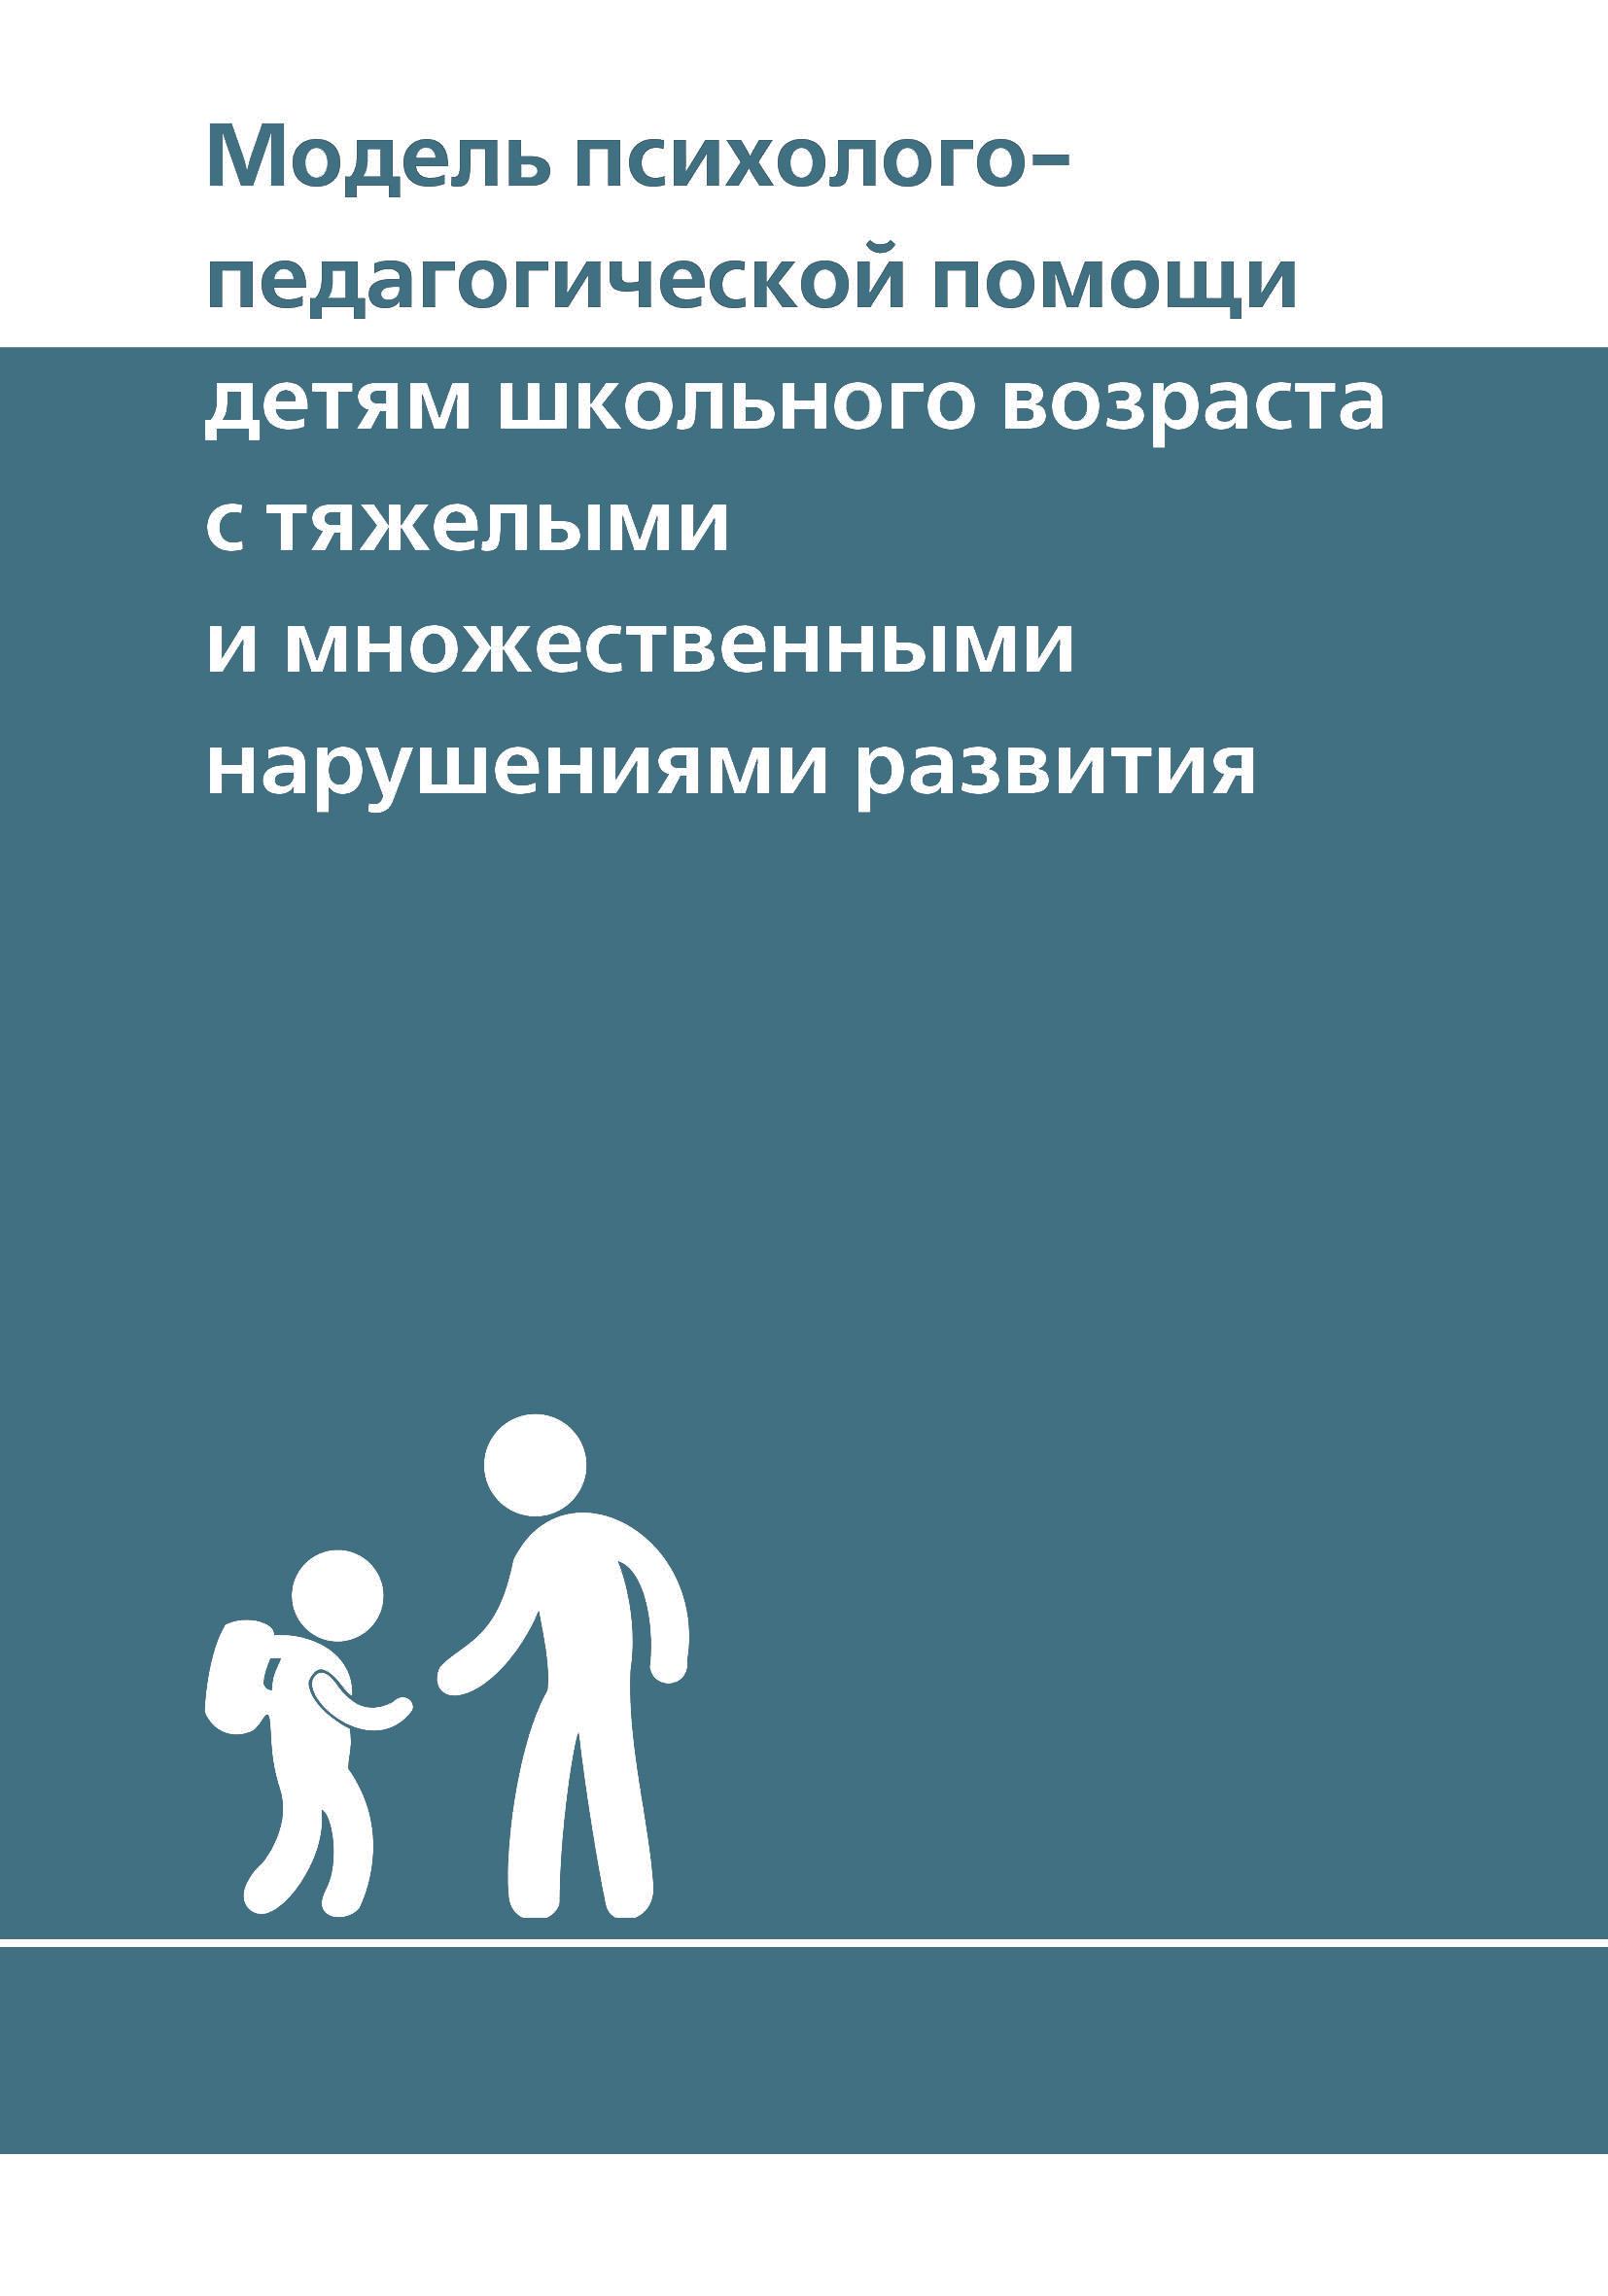 Д. В. Ермолаев Модель психолого-педагогической помощи детям школьного возраста с тяжелыми и множественными нарушениями развития